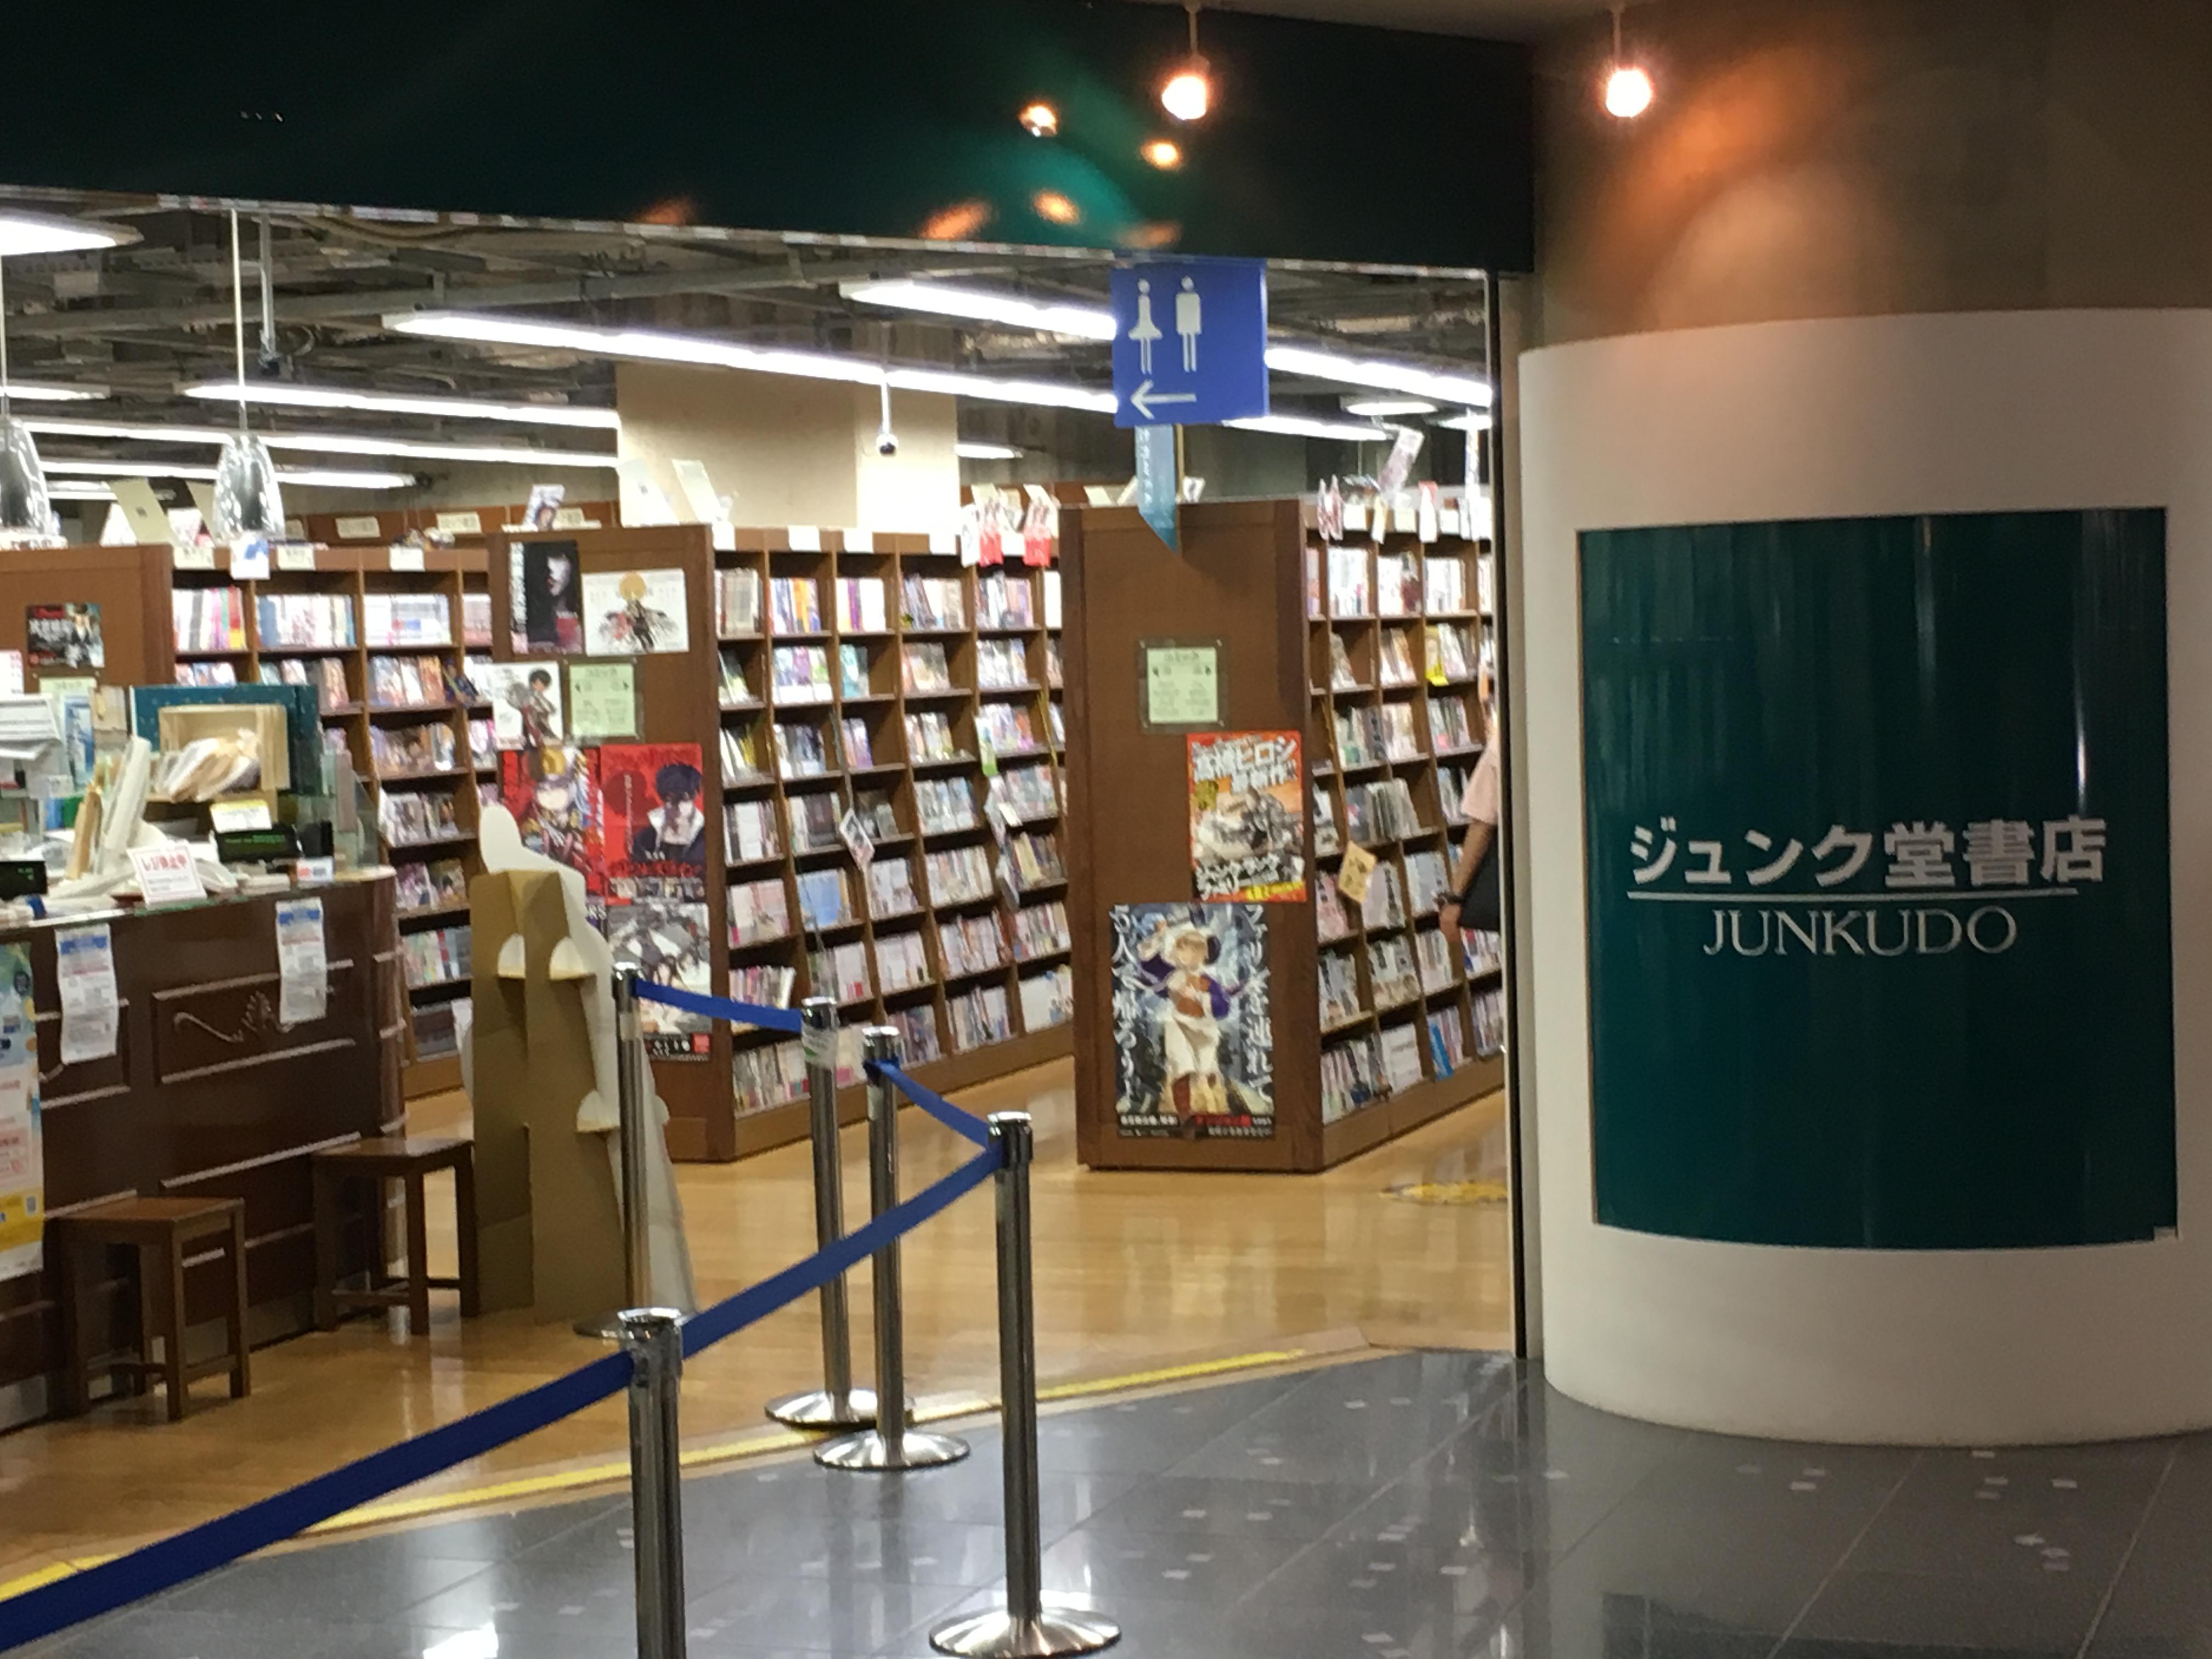 圧倒的な取り扱い冊数。読みたい本が必ず見つかる名駅・栄周辺の大型本屋まとめ - IMG 0460